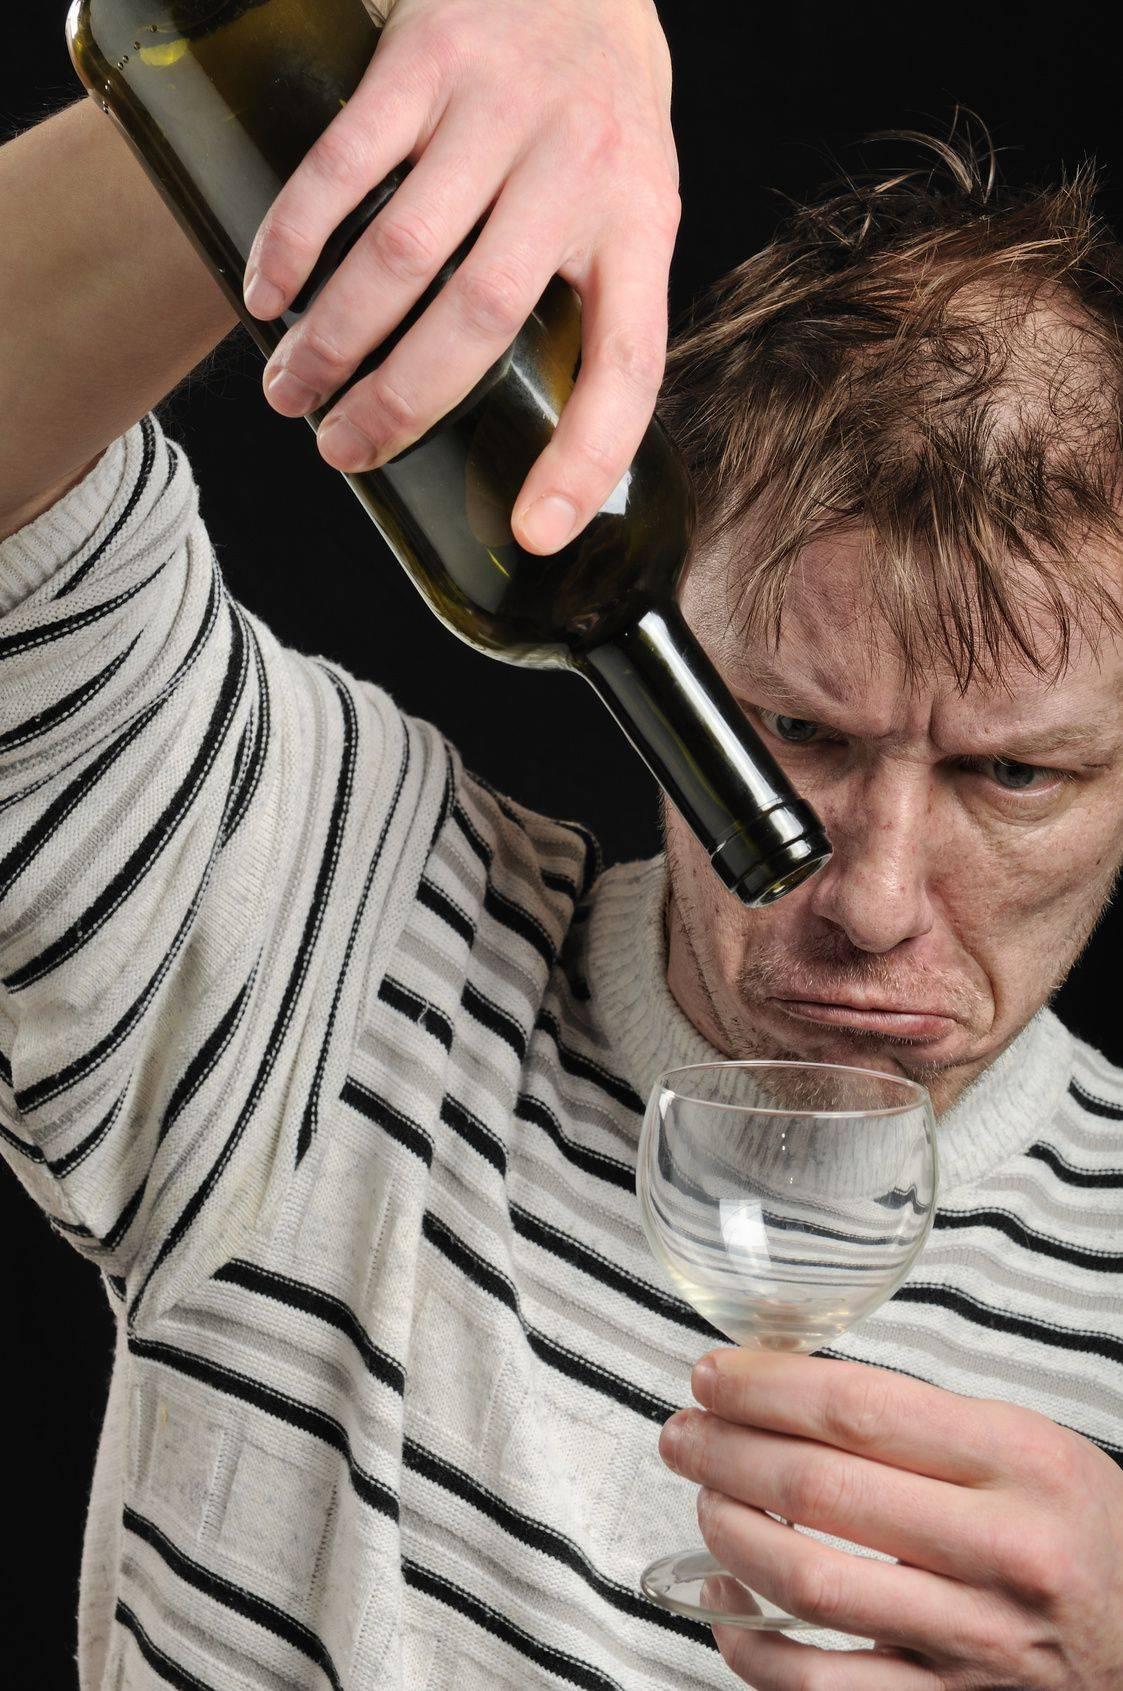 Как помочь алкоголику справиться с зависимостью - советы психологов